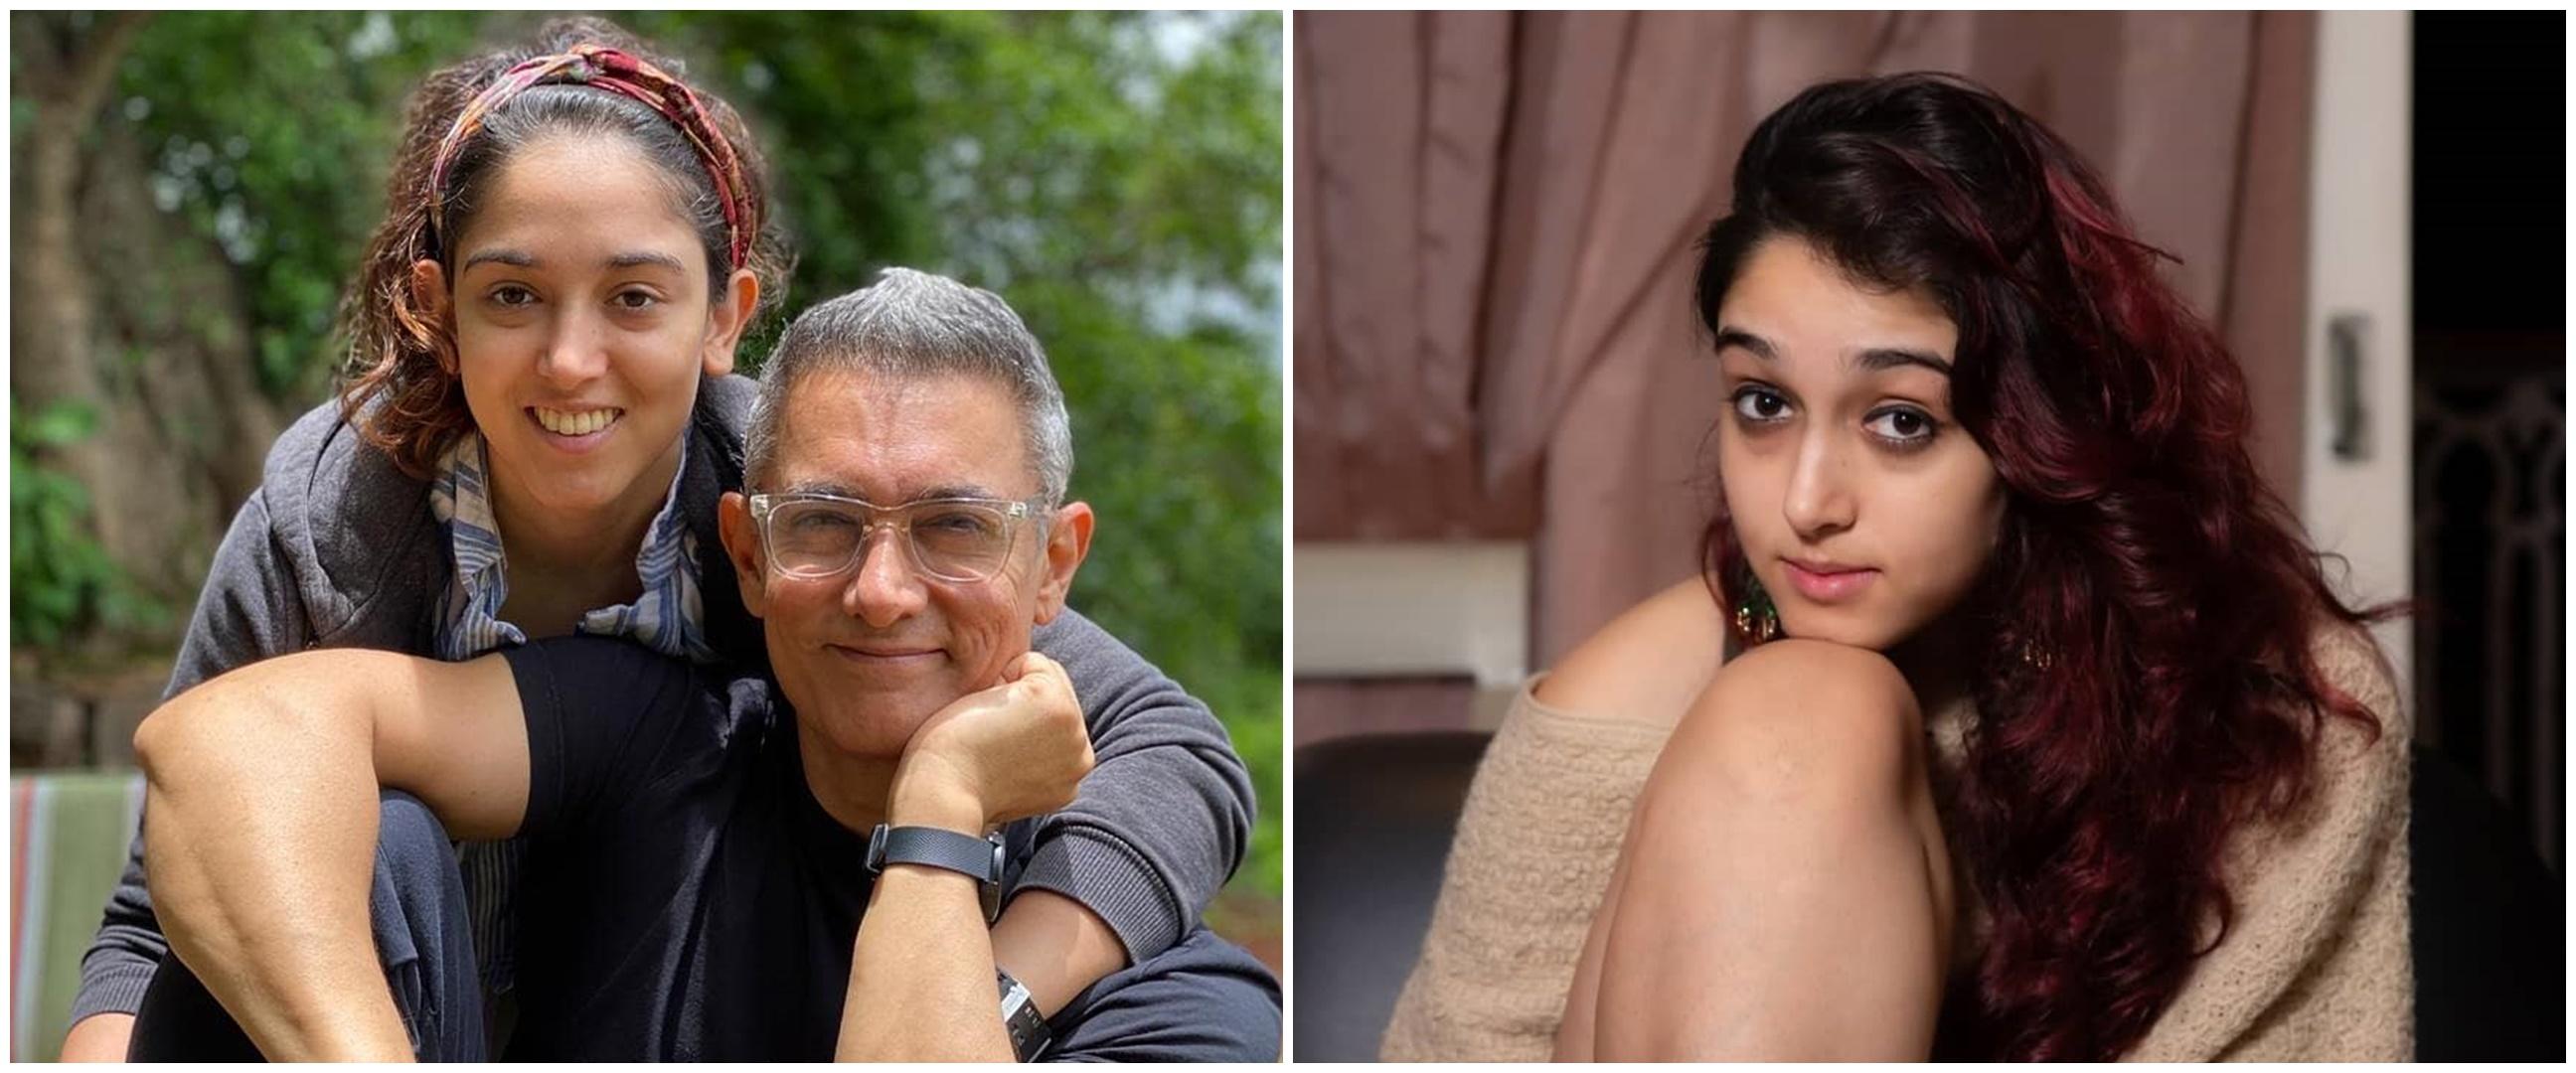 10 Potret Ira Khan putri Aamir Khan saat berolahraga, body goals